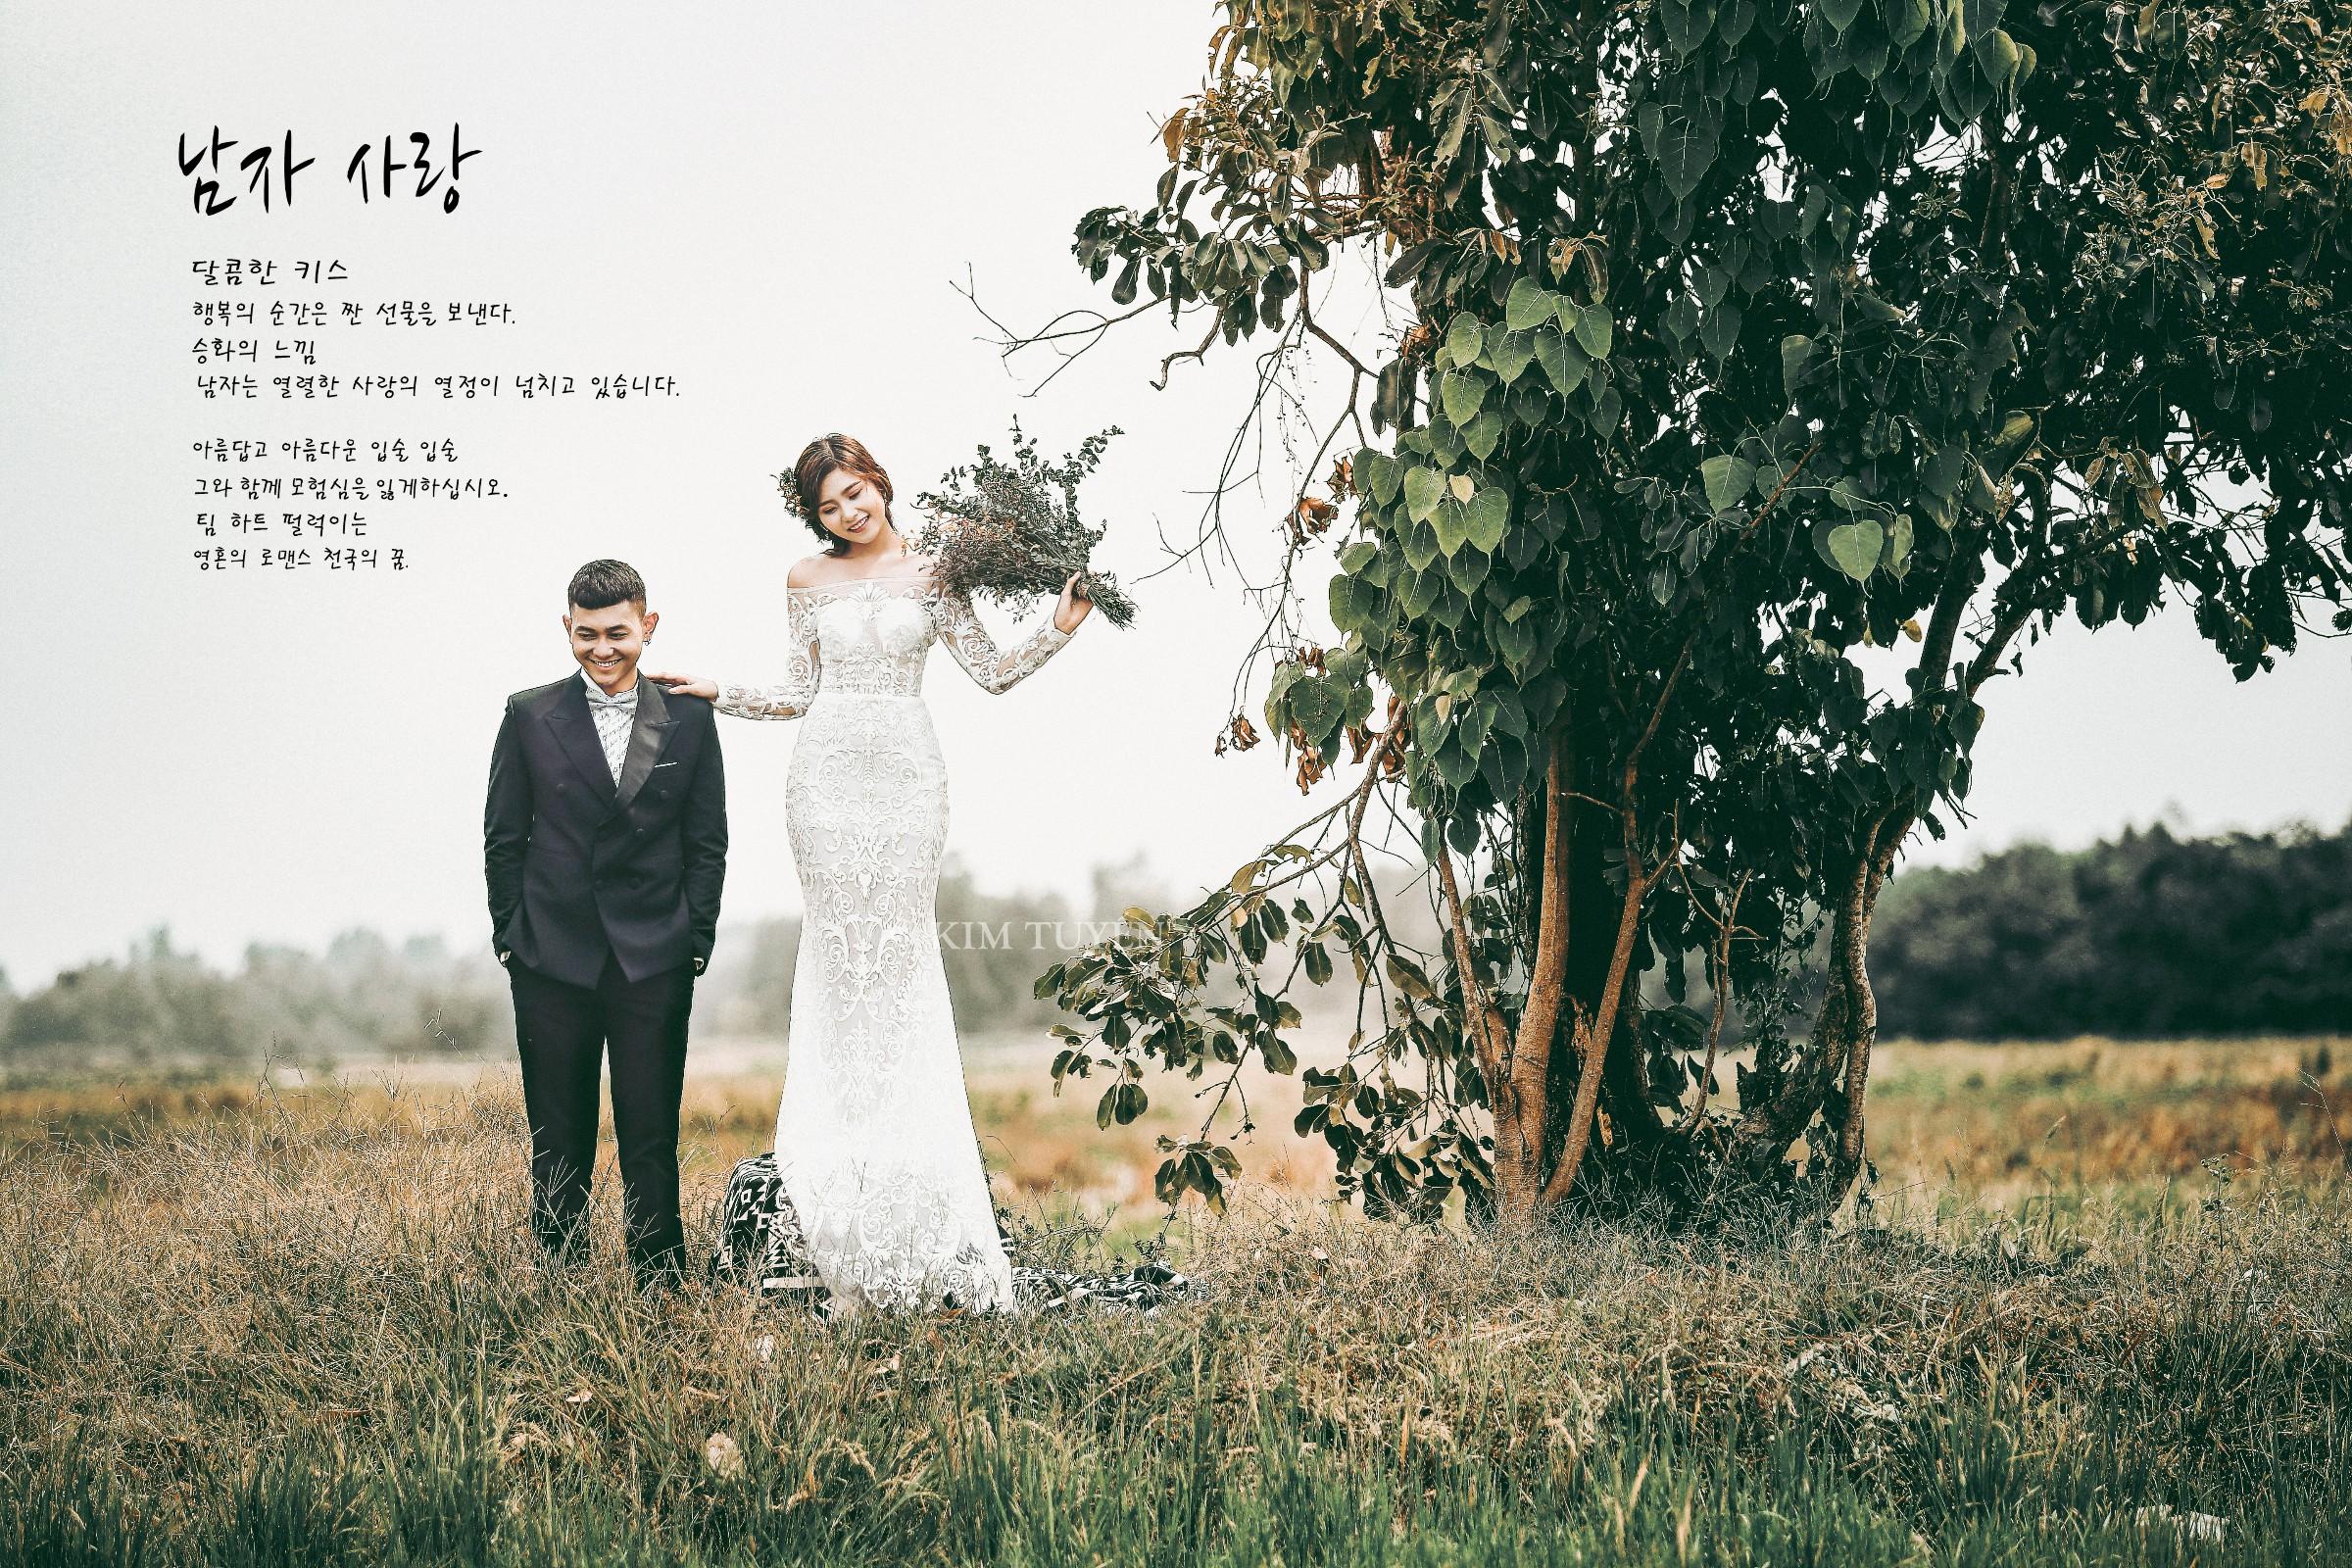 Trọn gói Album ảnh cưới Củ Chi - Green Field 2018 -